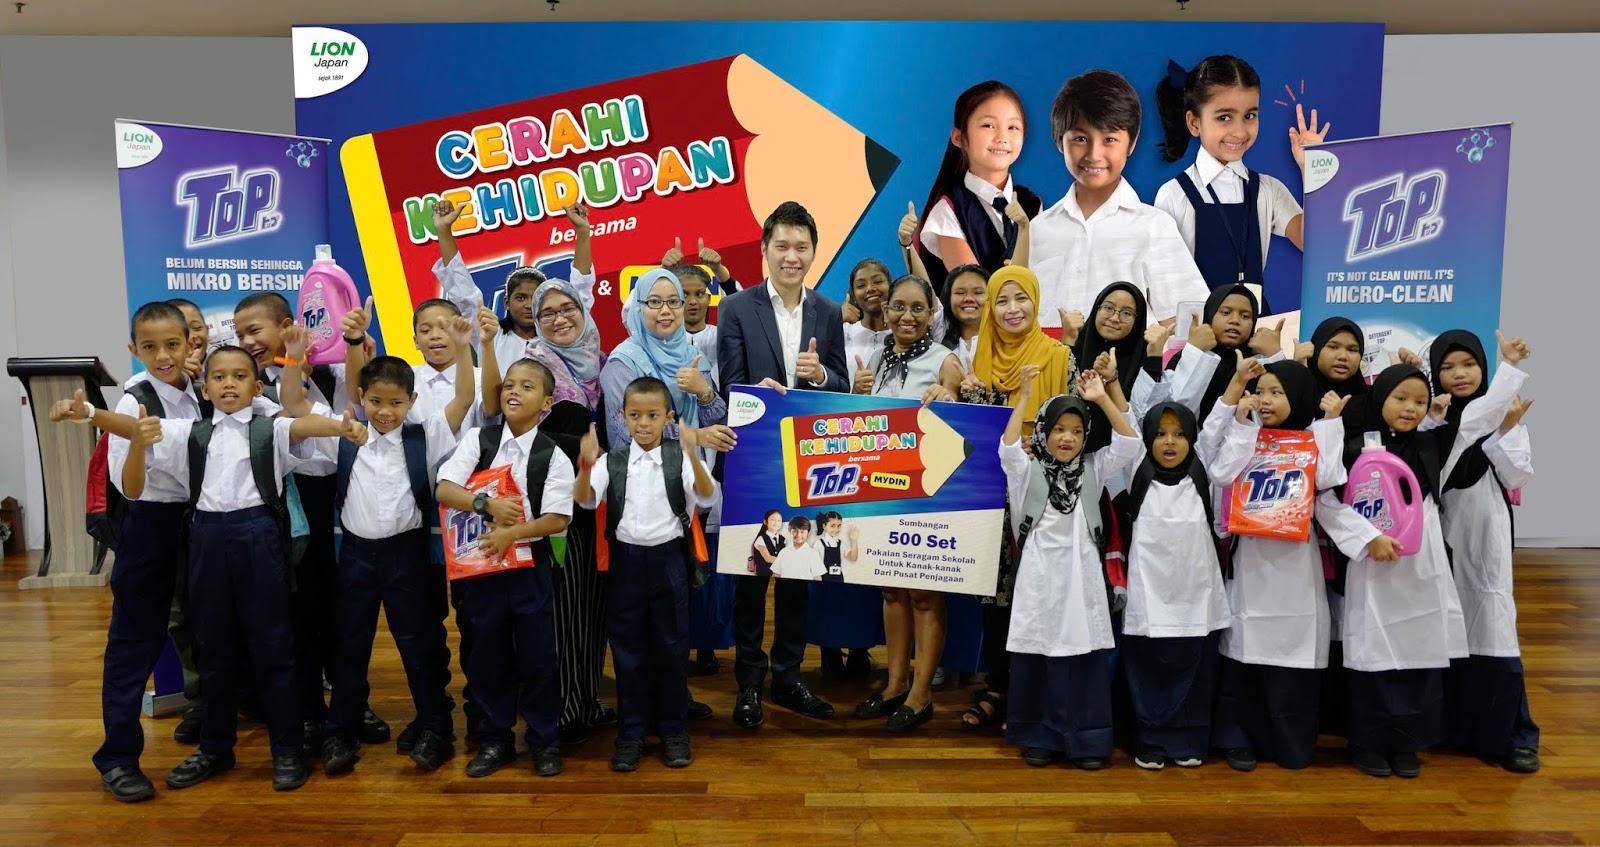 TOP Menyumbangkan Pakaian Seragam Sekolah Kepada 500 Orang Pelajar